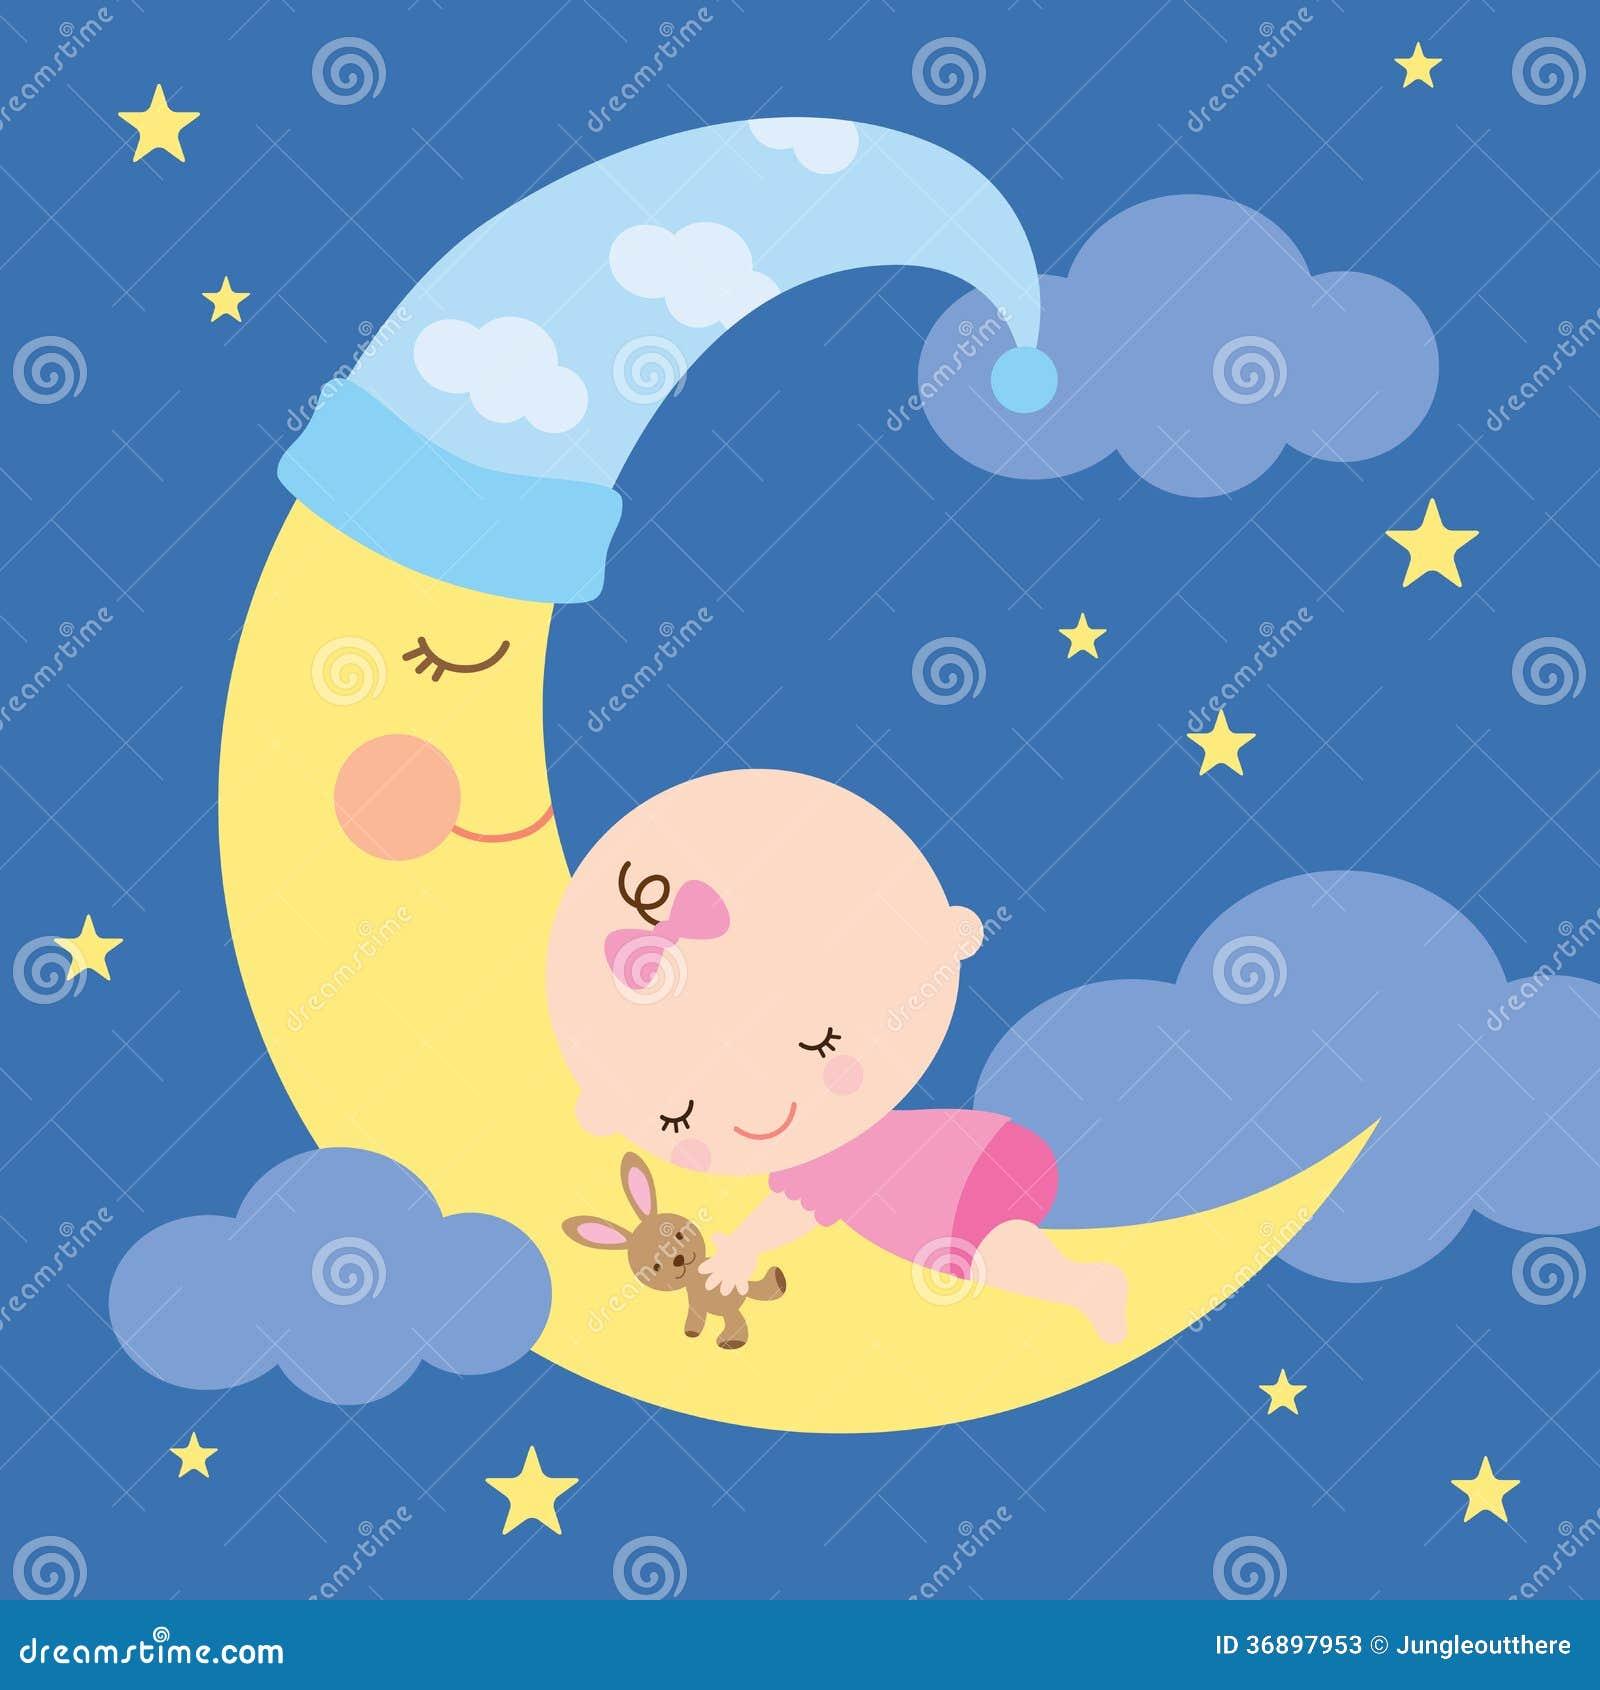 Спокойной ночи, малыши! Википедия